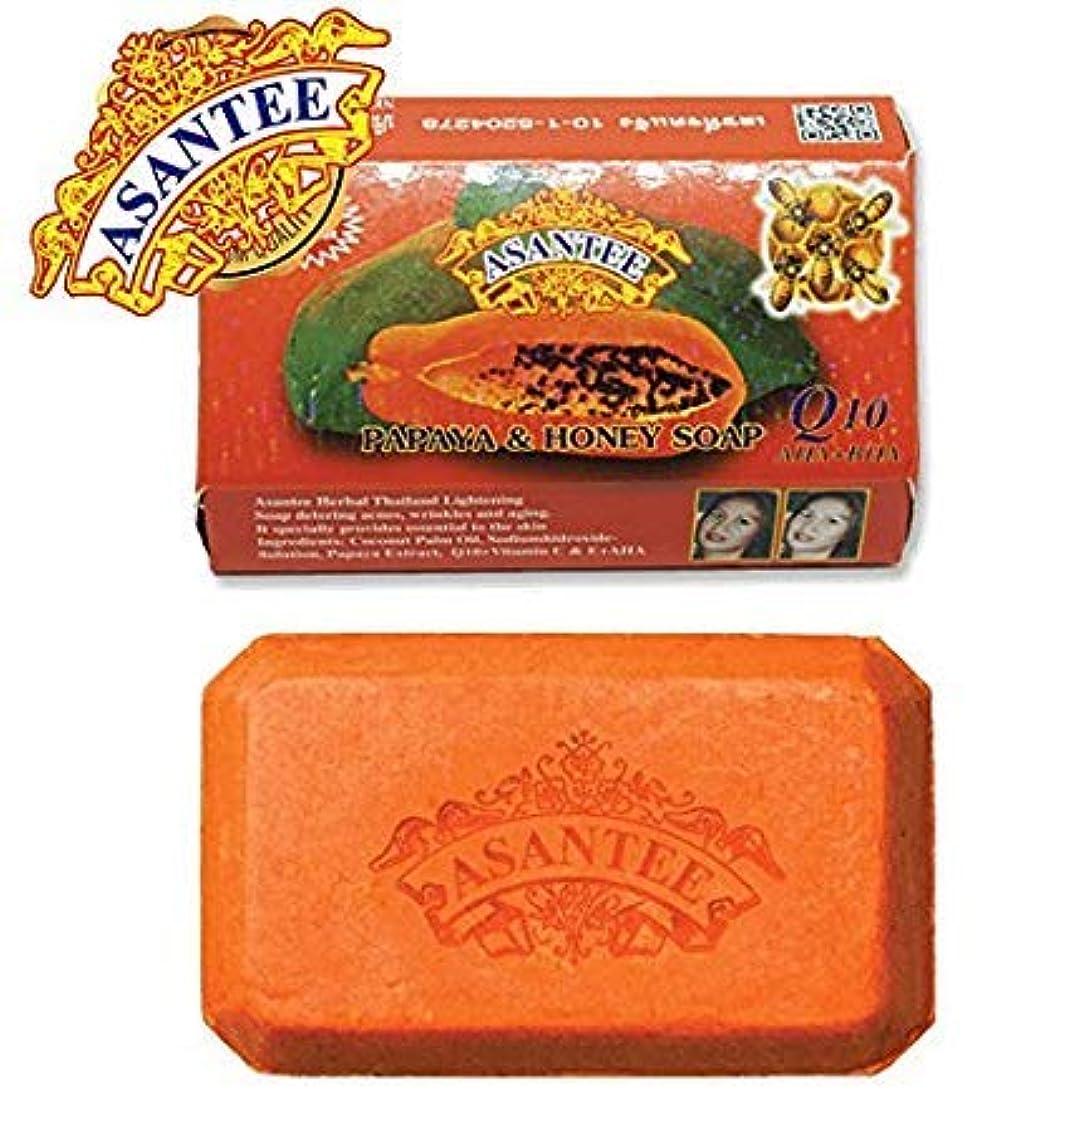 Asantee Thai Papaya Herbal Skin Whitening Soap 135g (1 pcs)